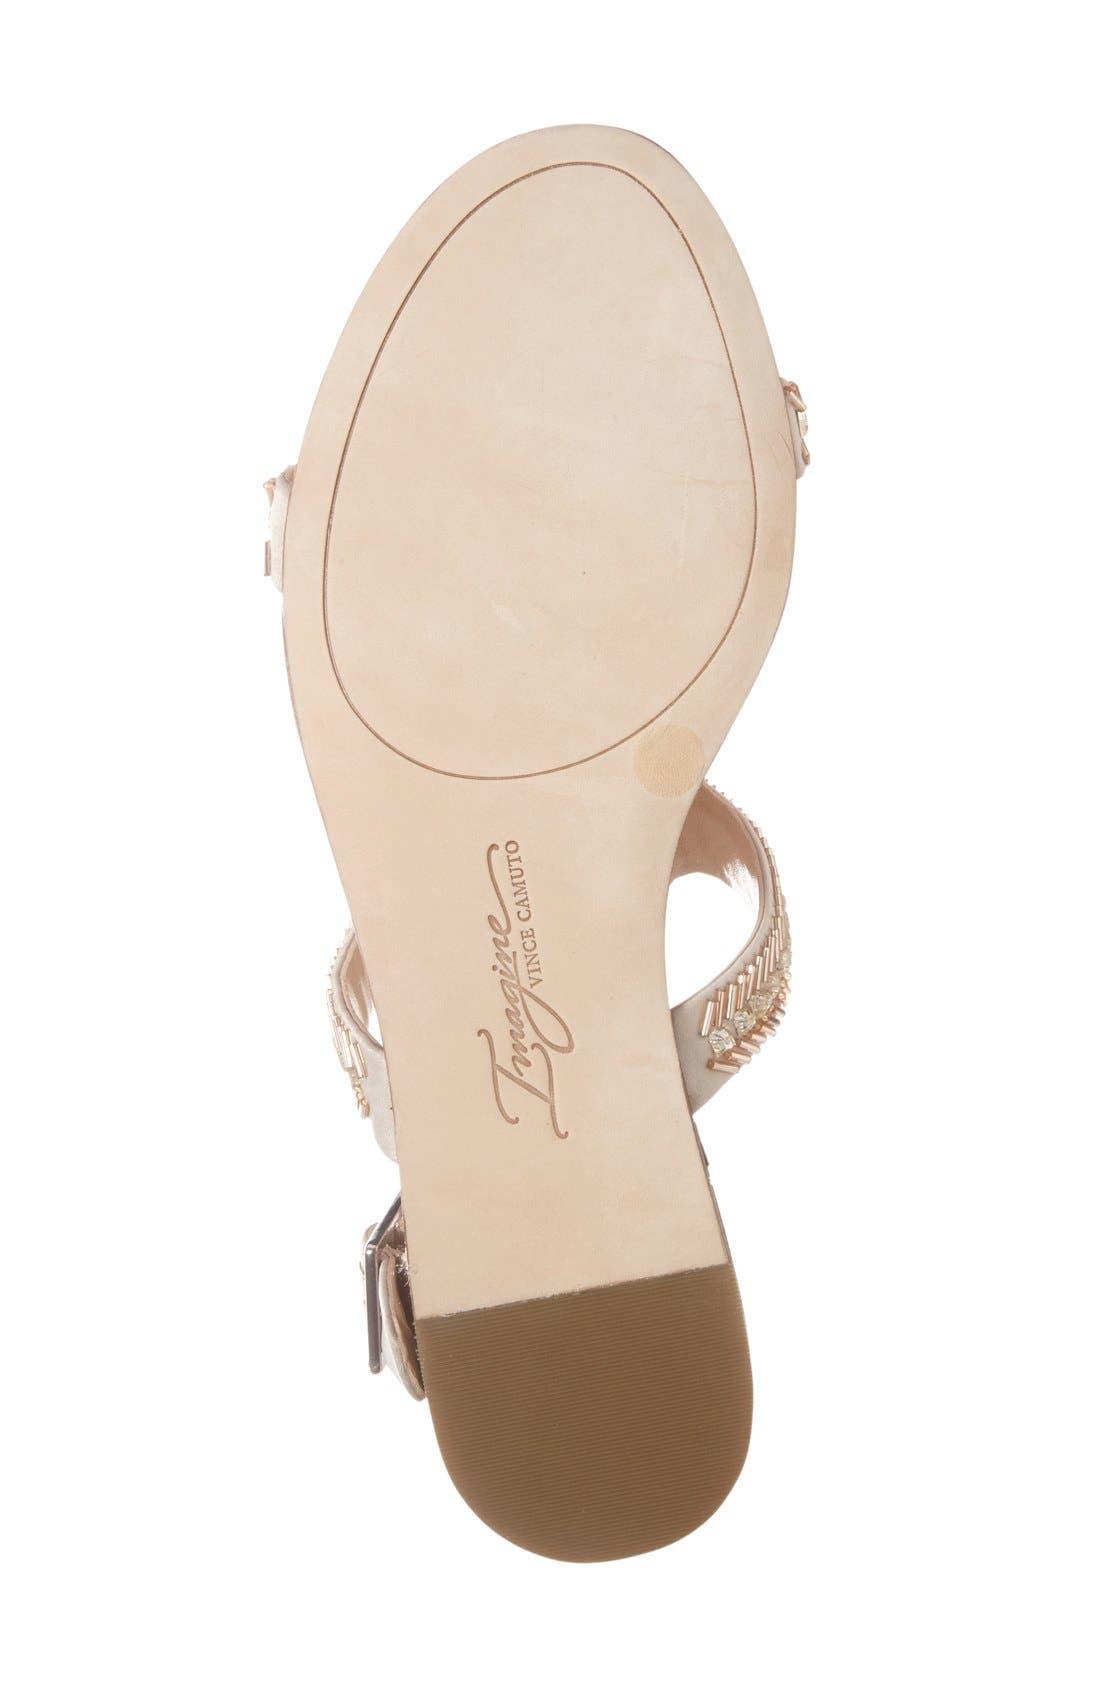 Imagine Vince Camuto 'Reid' Embellished T-Strap Flat Sandal,                             Alternate thumbnail 8, color,